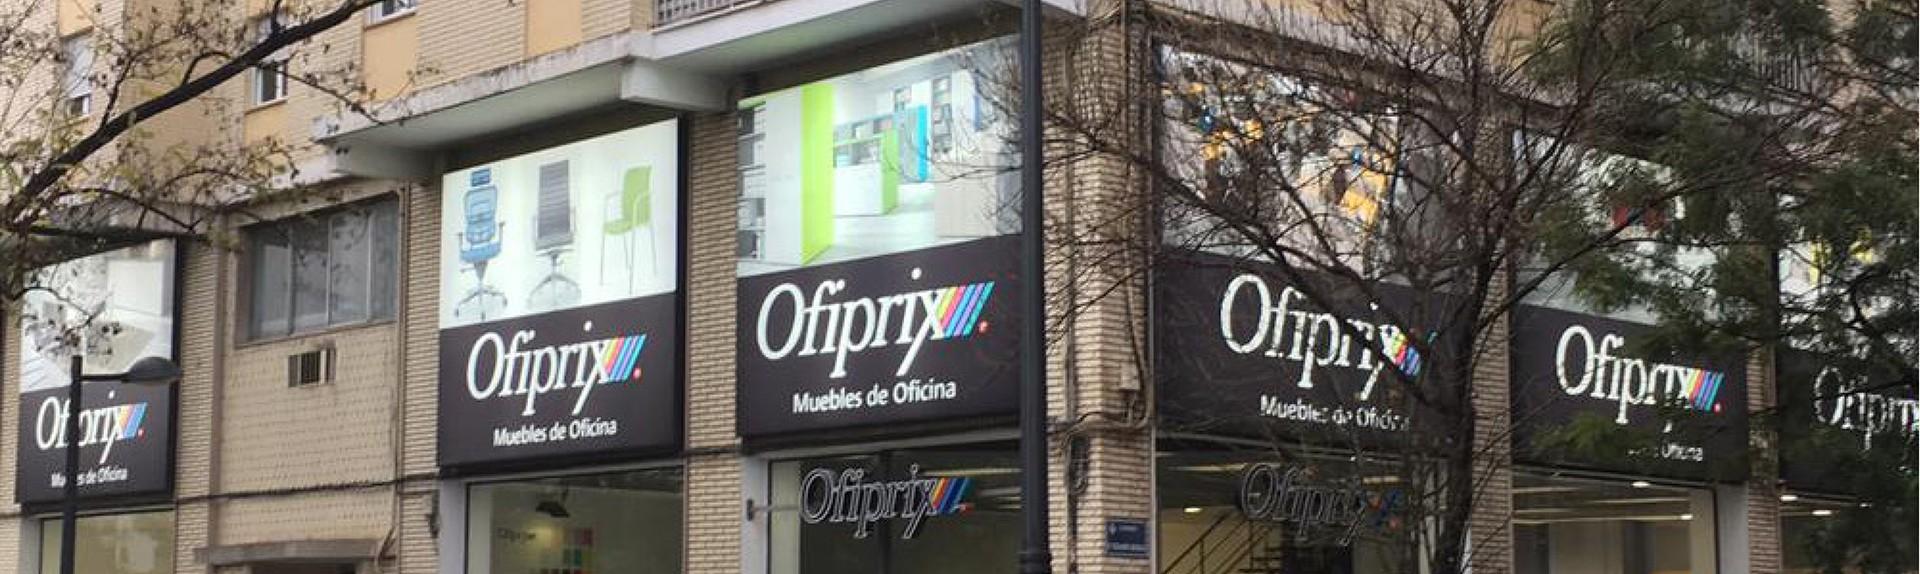 Tienda Ofiprix de San Sebastián Reyes